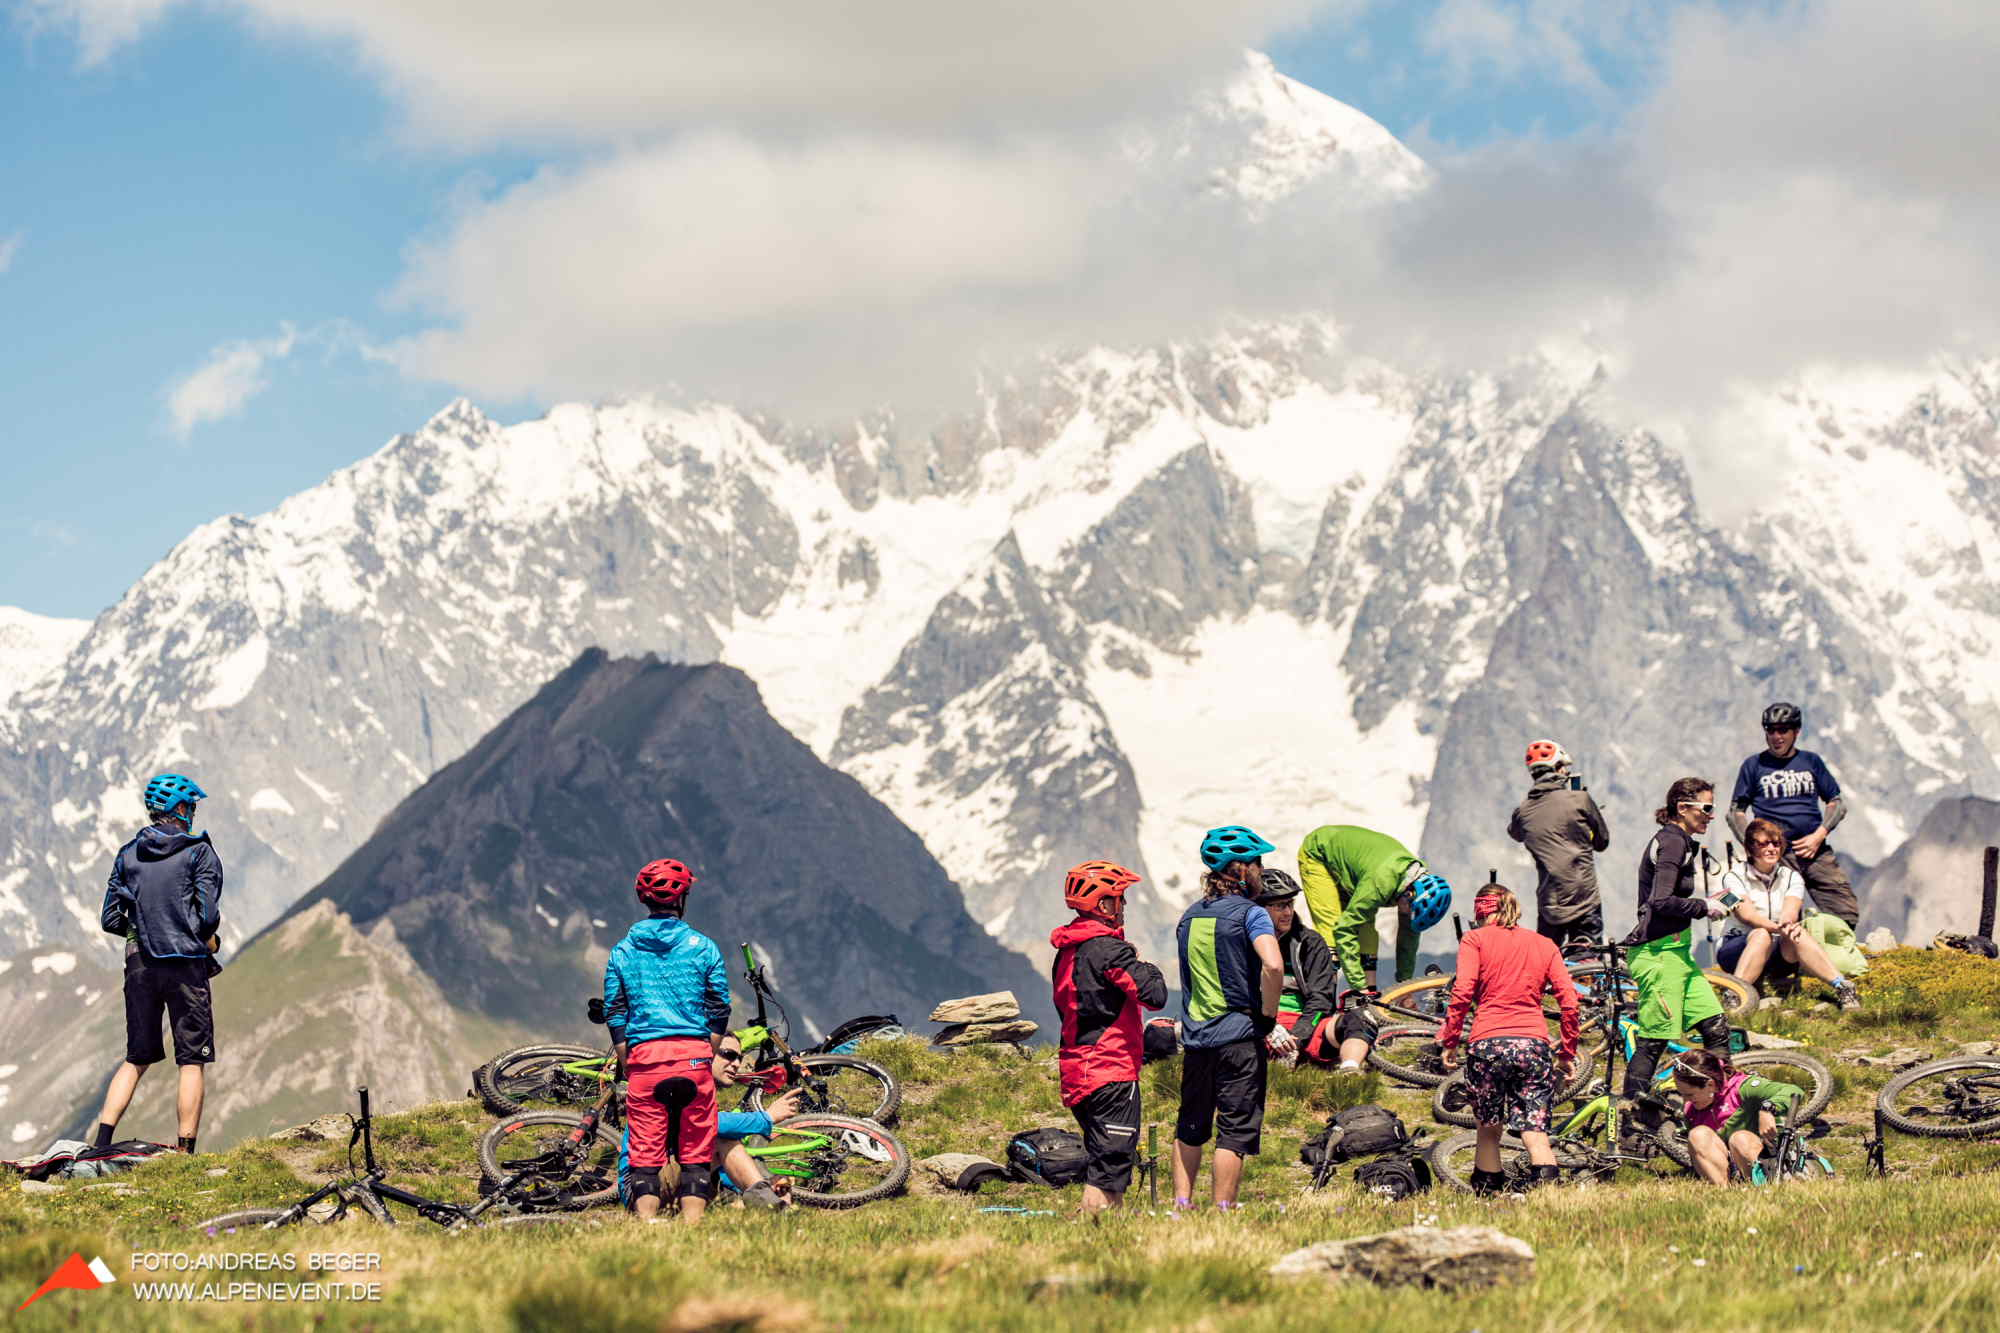 Alpine Flow am Mont Blanc - Team